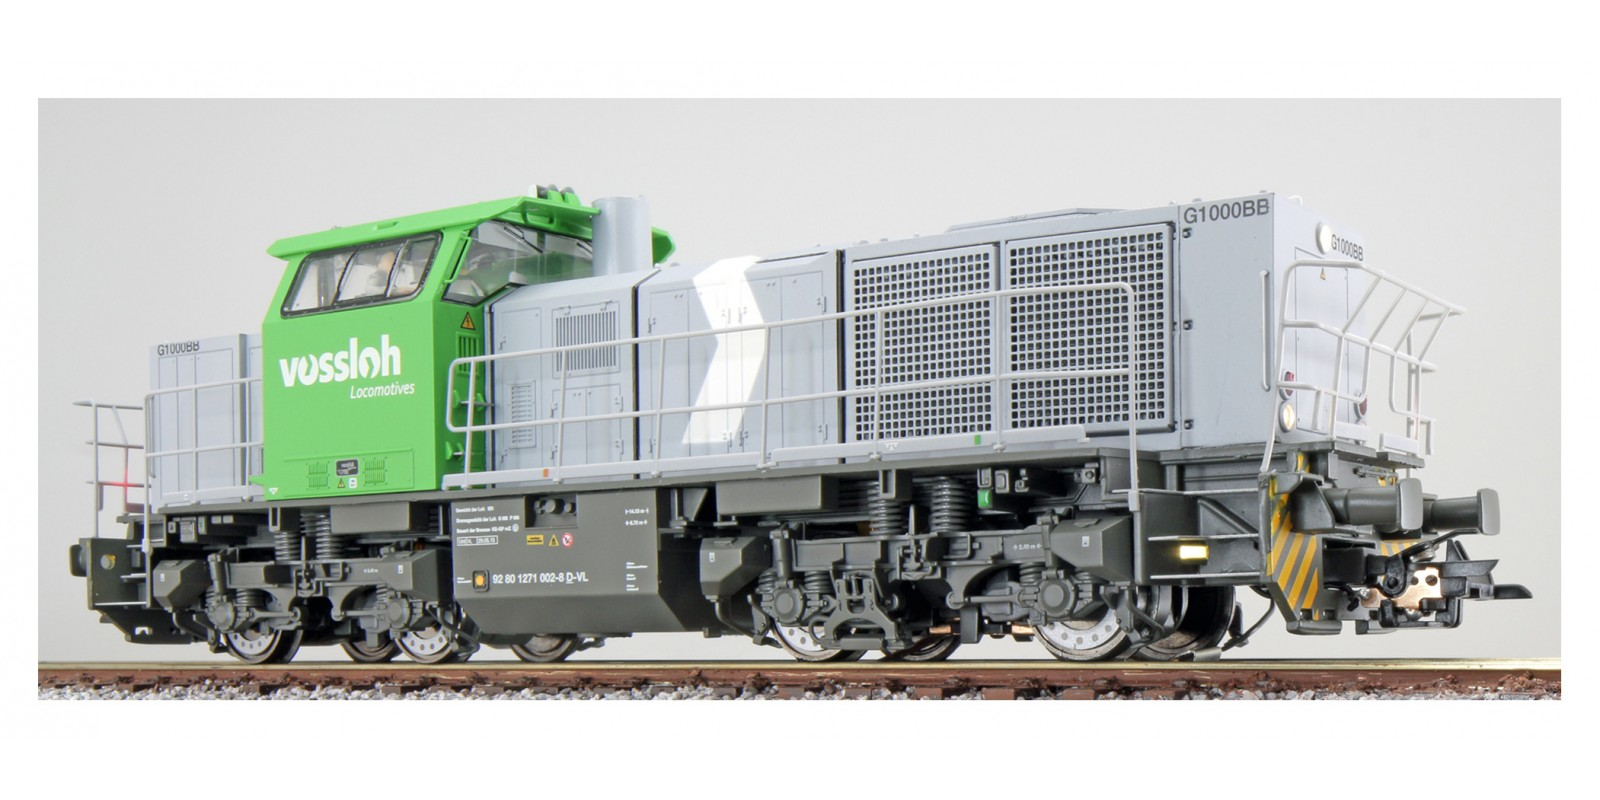 ES31306 Gauge H0 Diesel locomotive G1000 of Vossloh, epoch VI with sound